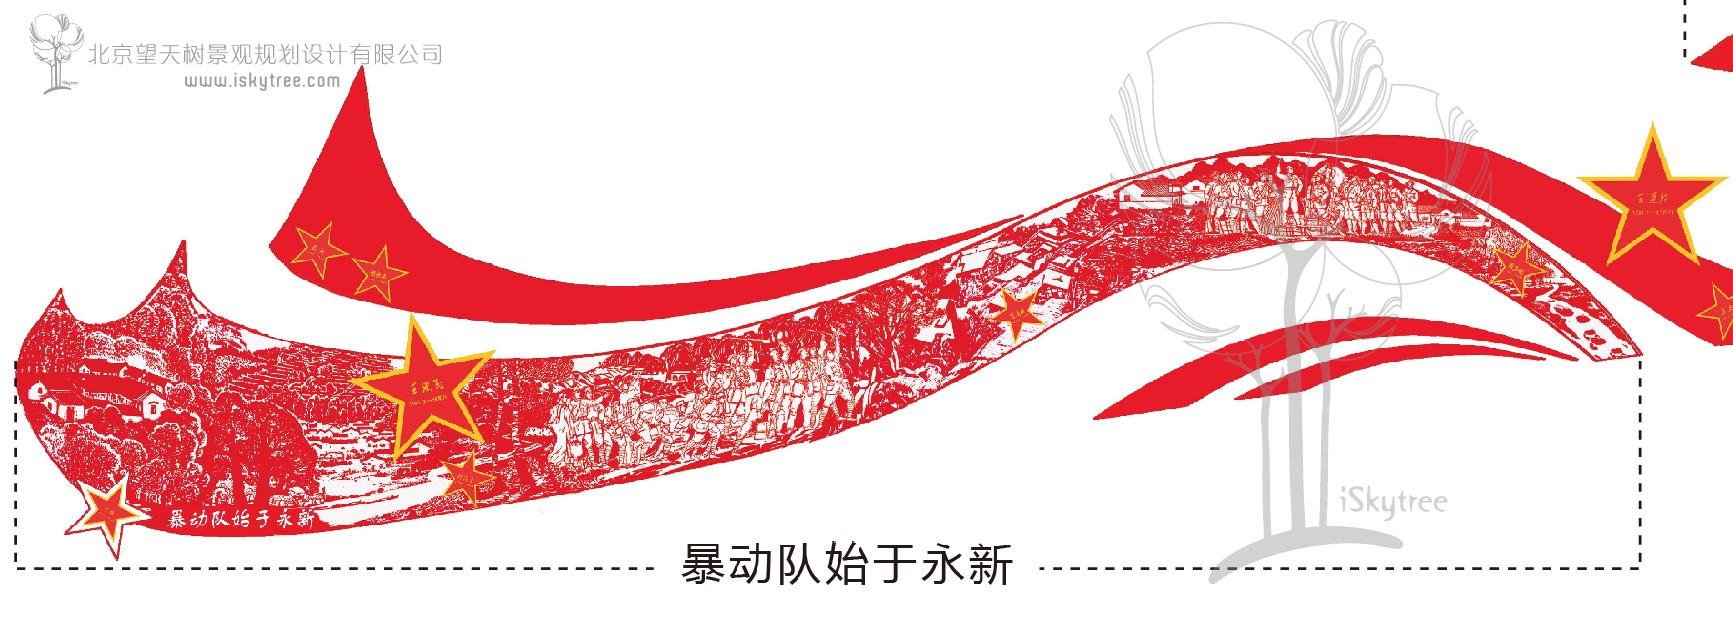 红飘带景观设计项目施工图